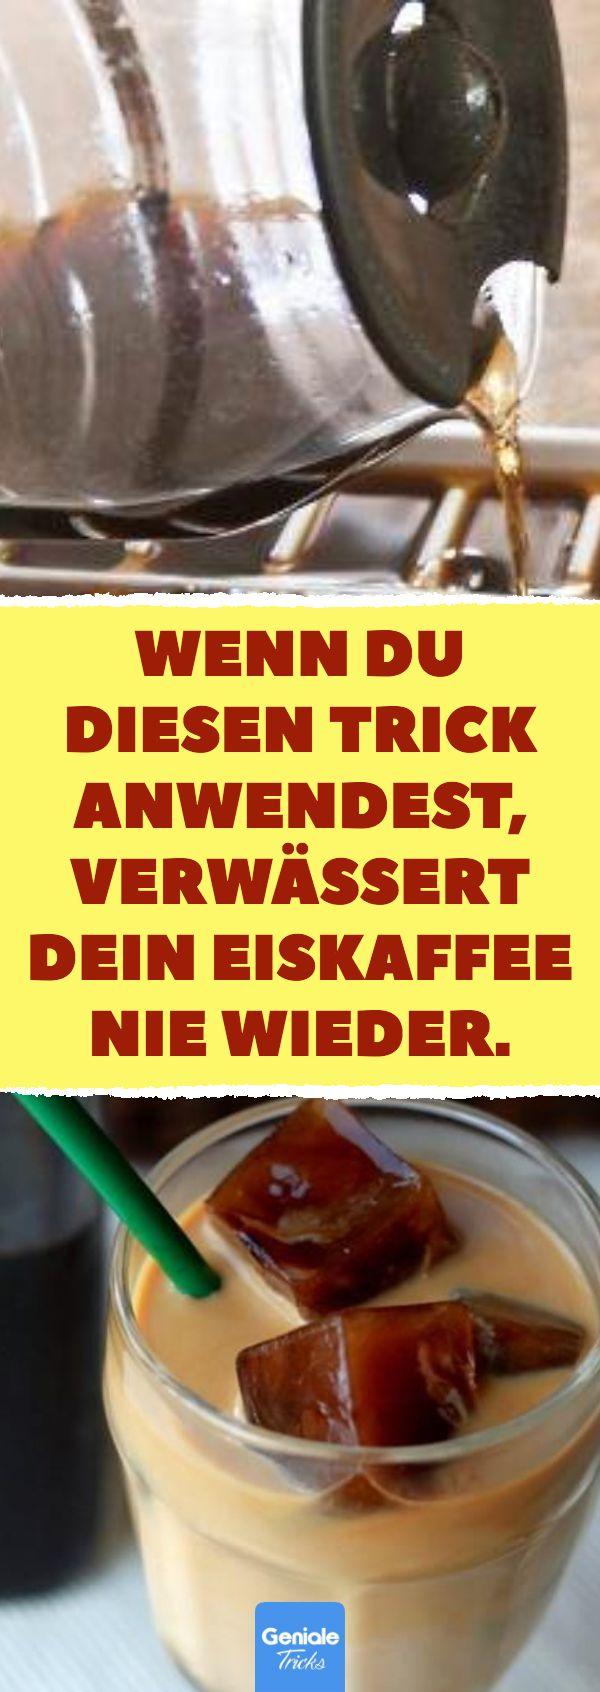 Wenn du diesen Trick anwendest, verwässert dein Eiskaffee nie wieder. Eiskaffee…